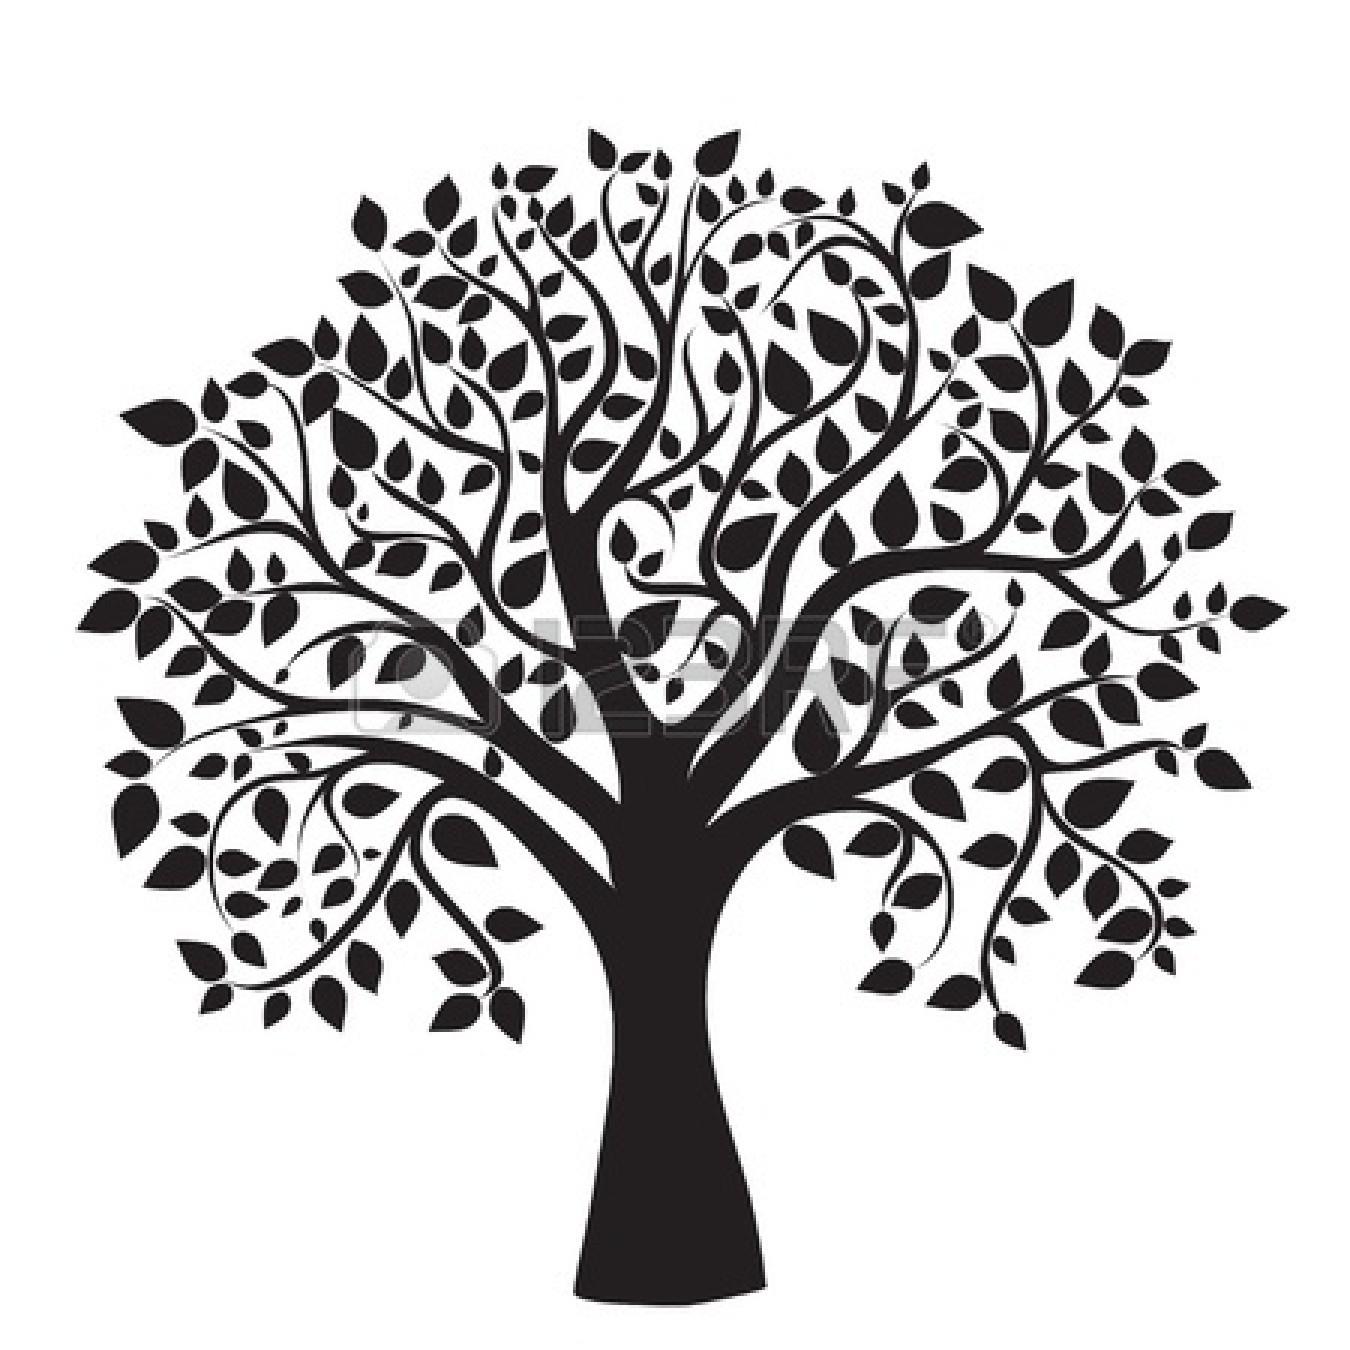 Clipart Family Tree Free